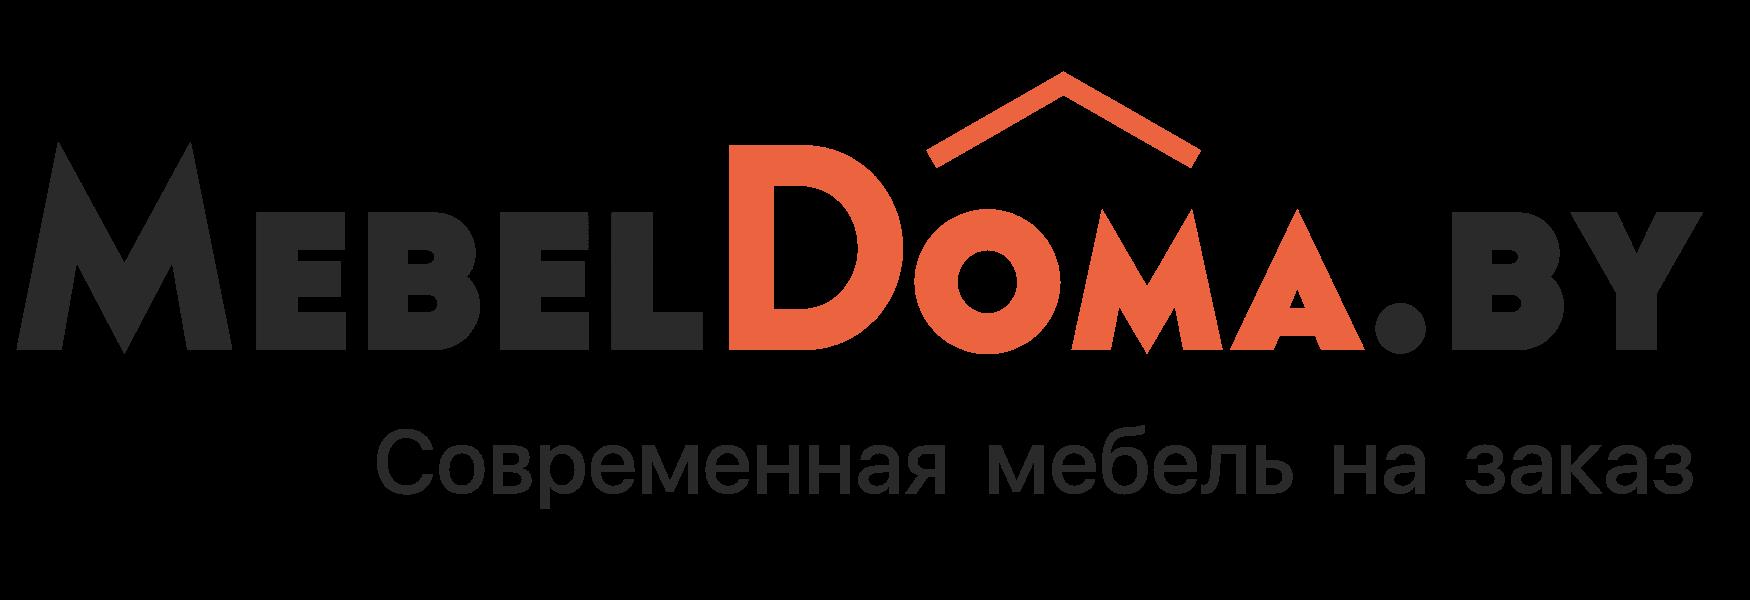 Мебель Дома